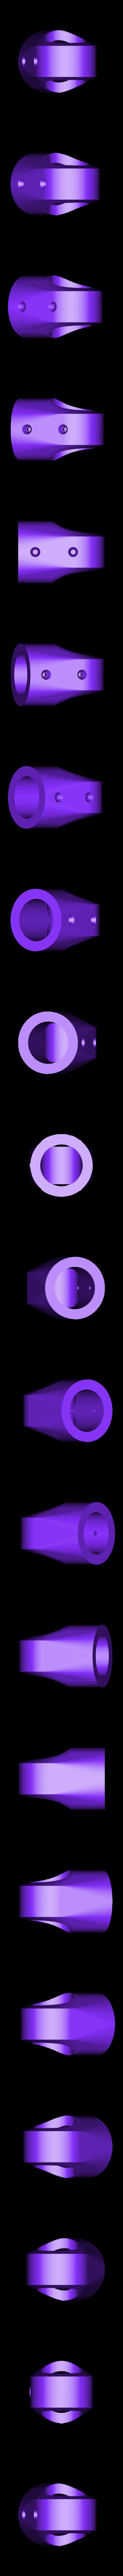 Echelon.stl Télécharger fichier STL gratuit Echelle porte serviettes • Plan imprimable en 3D, KaptainPoiscaille